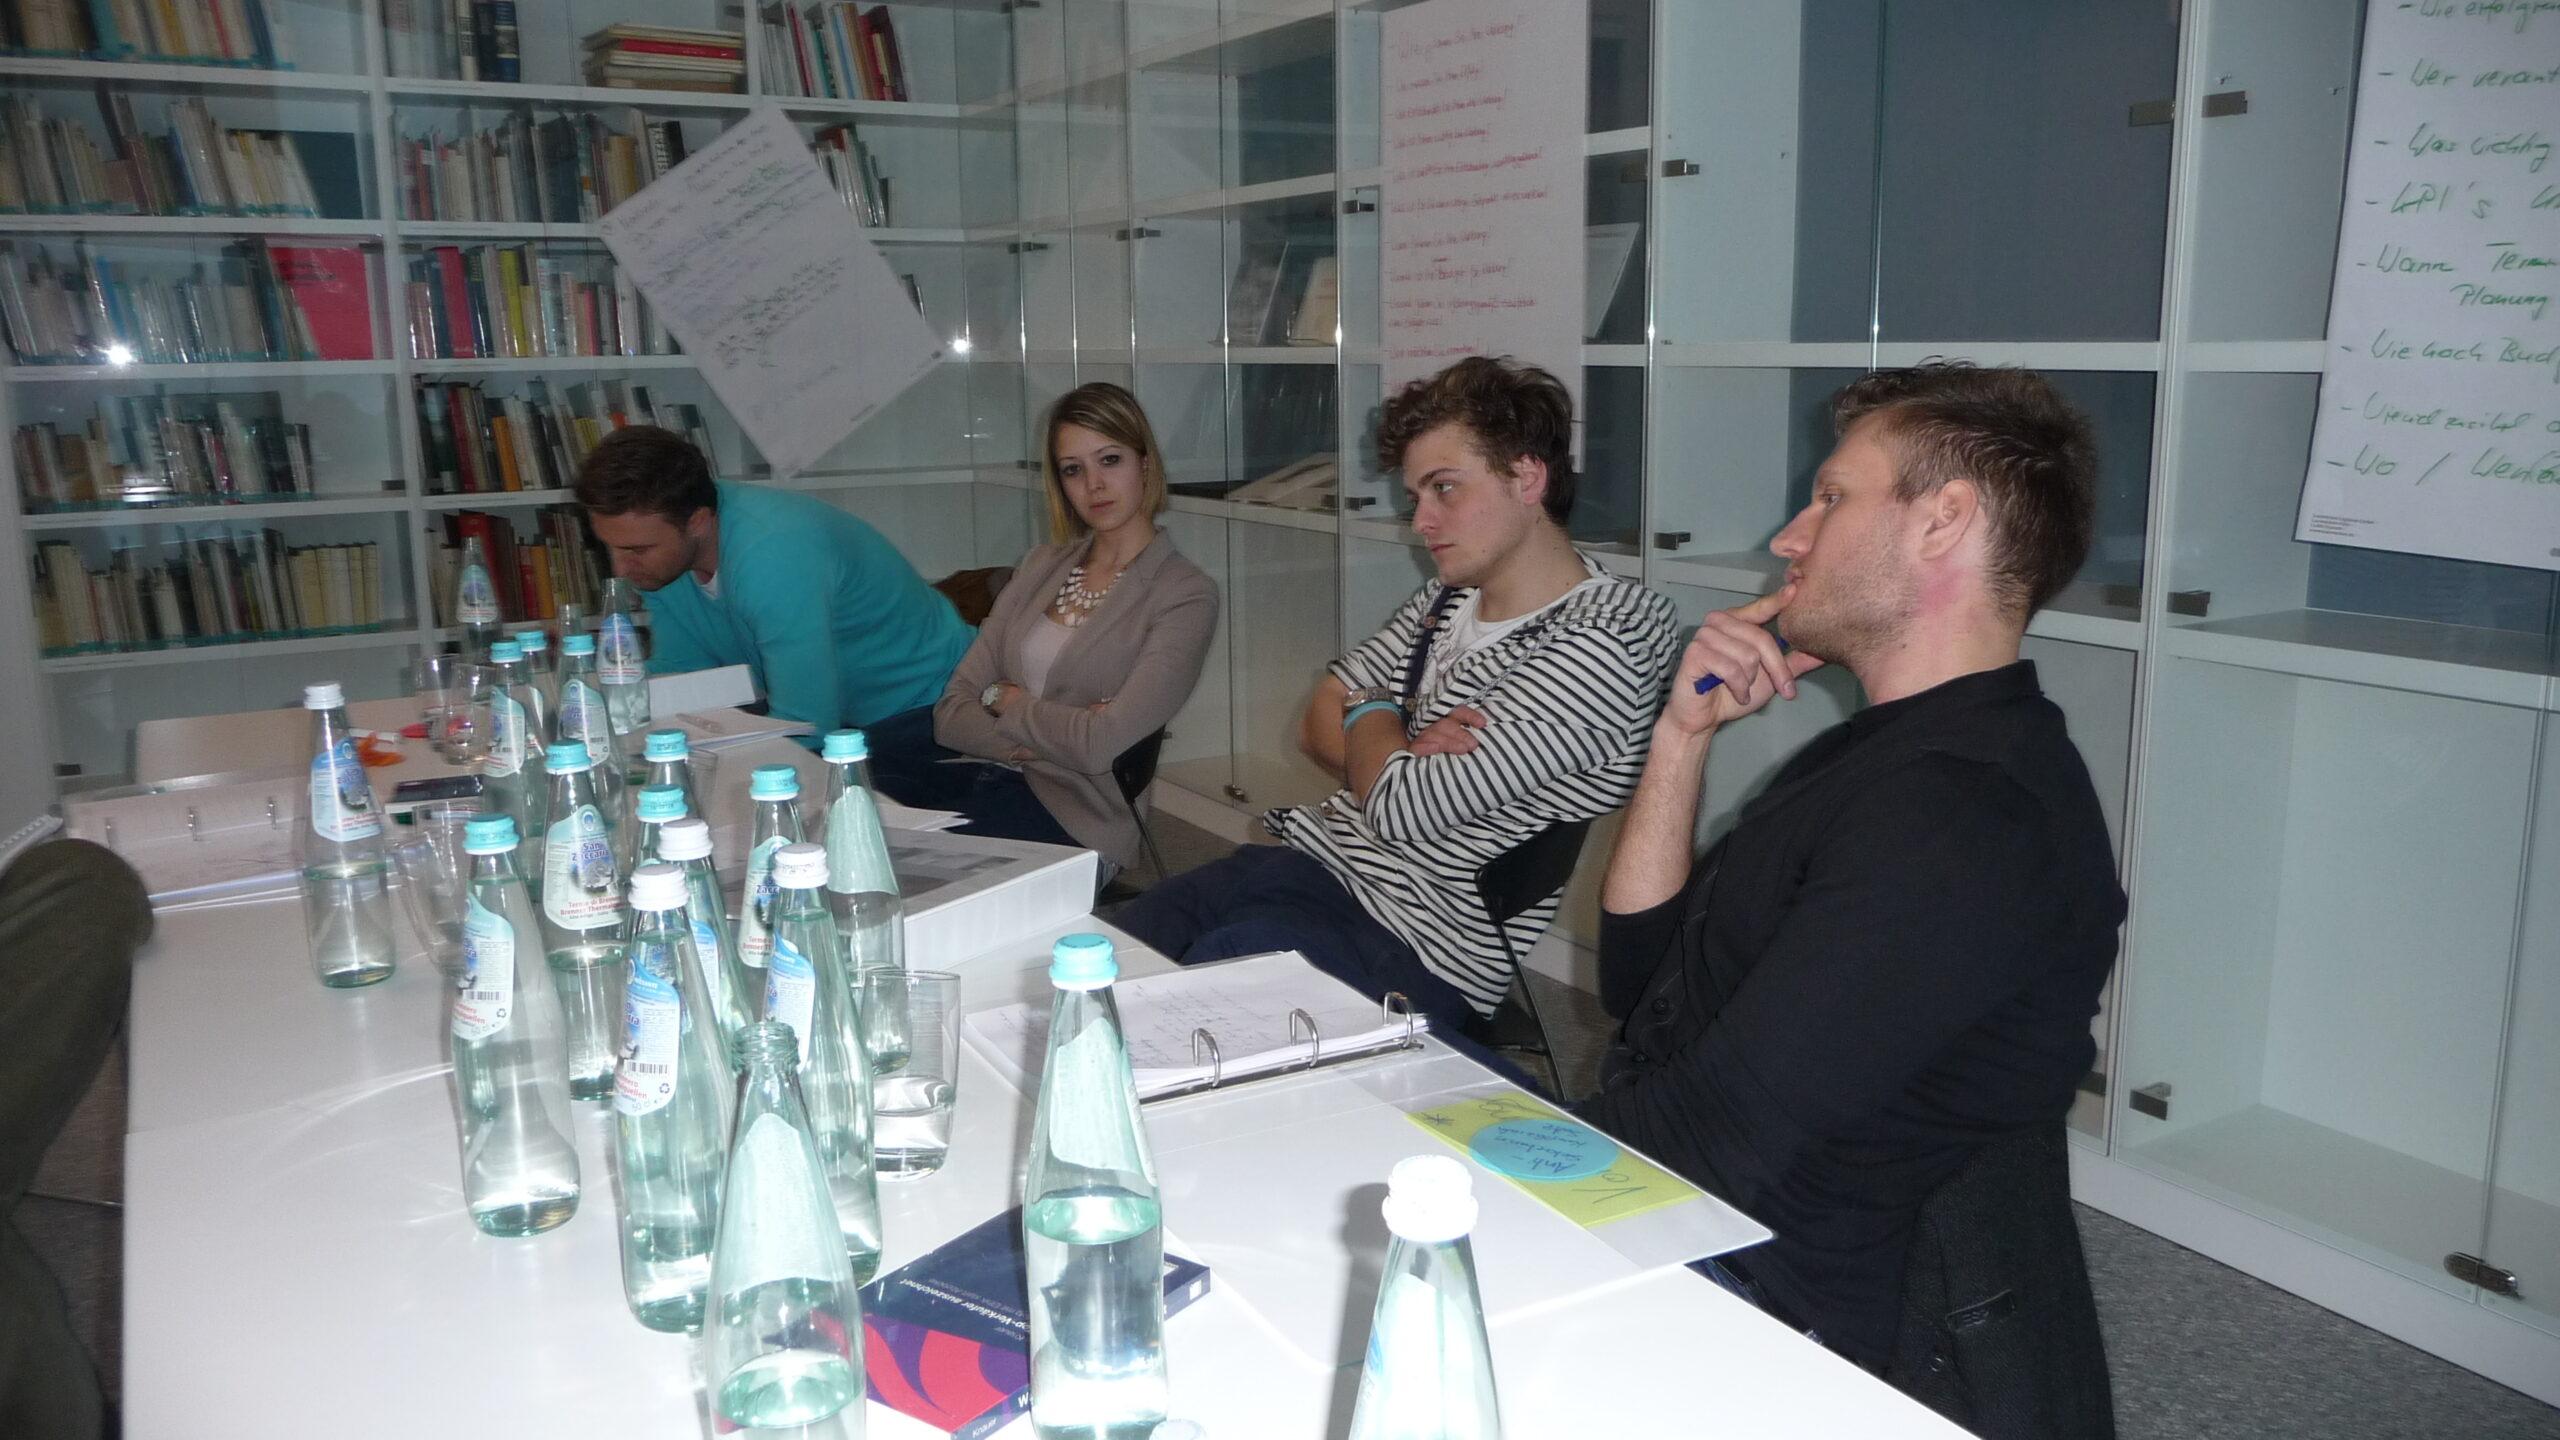 verkaufstraining münchen ulrike knauer training consulting vortrag profil verkauf verhandlung